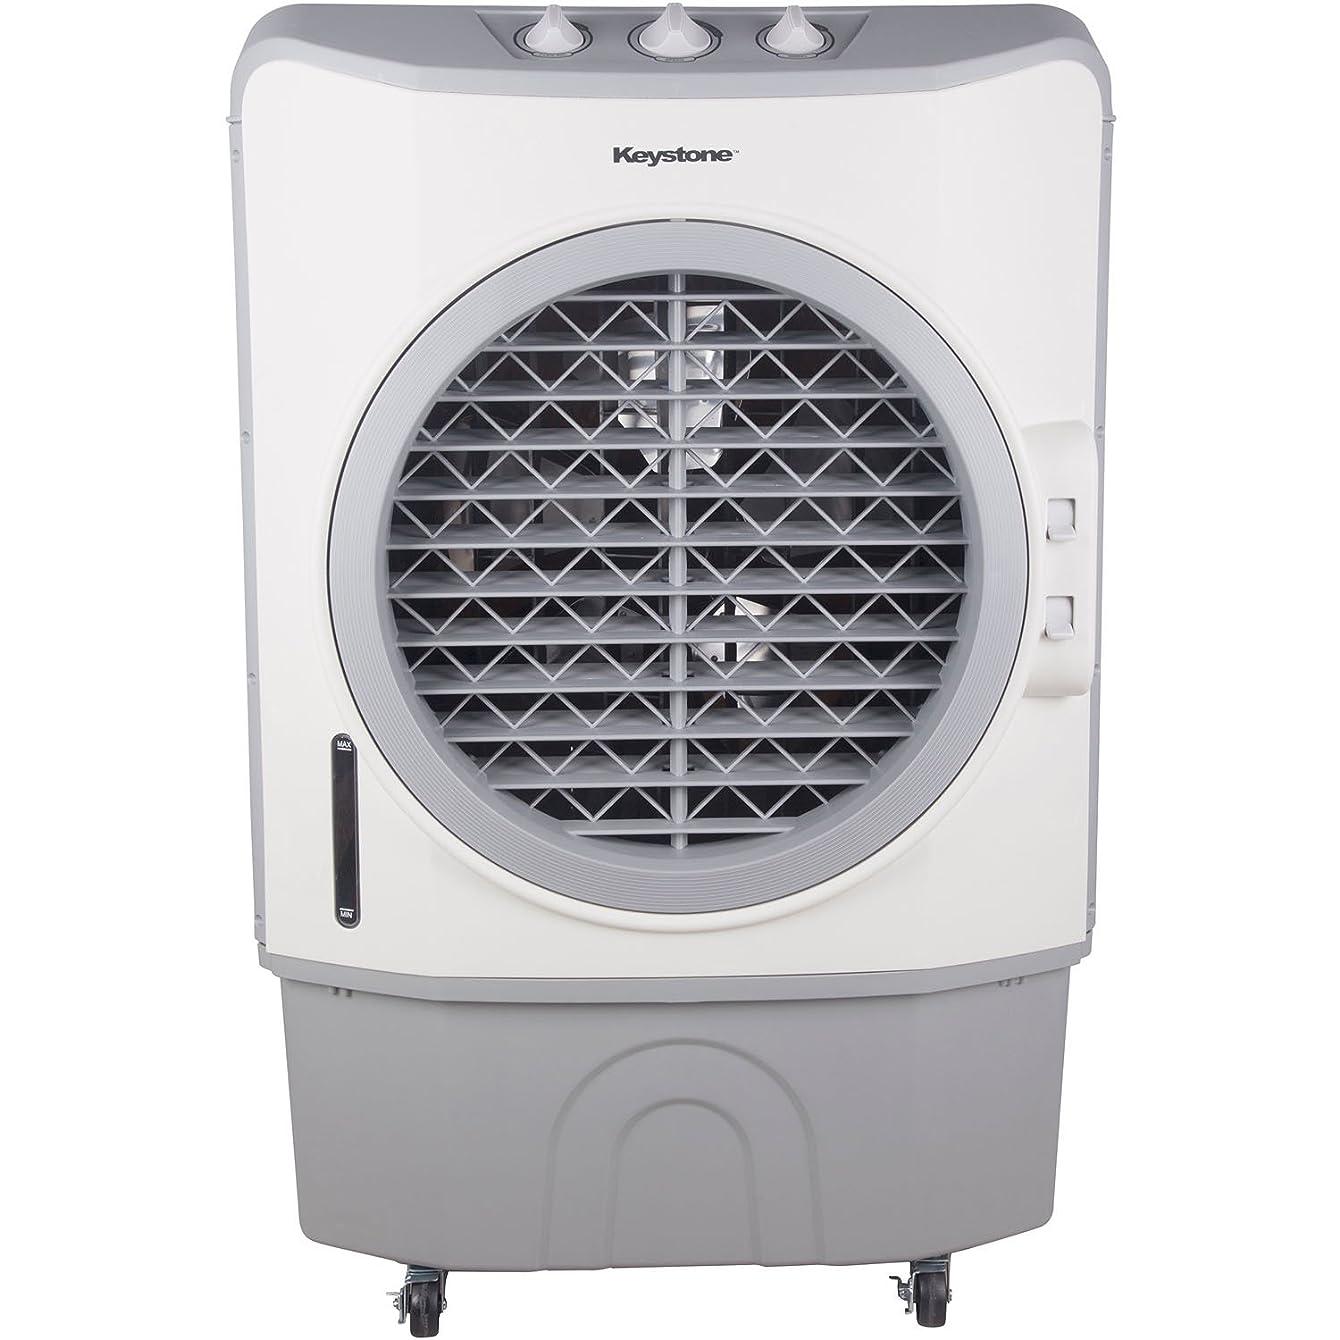 40-Liter Indoor/Outdoor Evaporative Air Cooler (Swamp Cooler) in Dark Gray